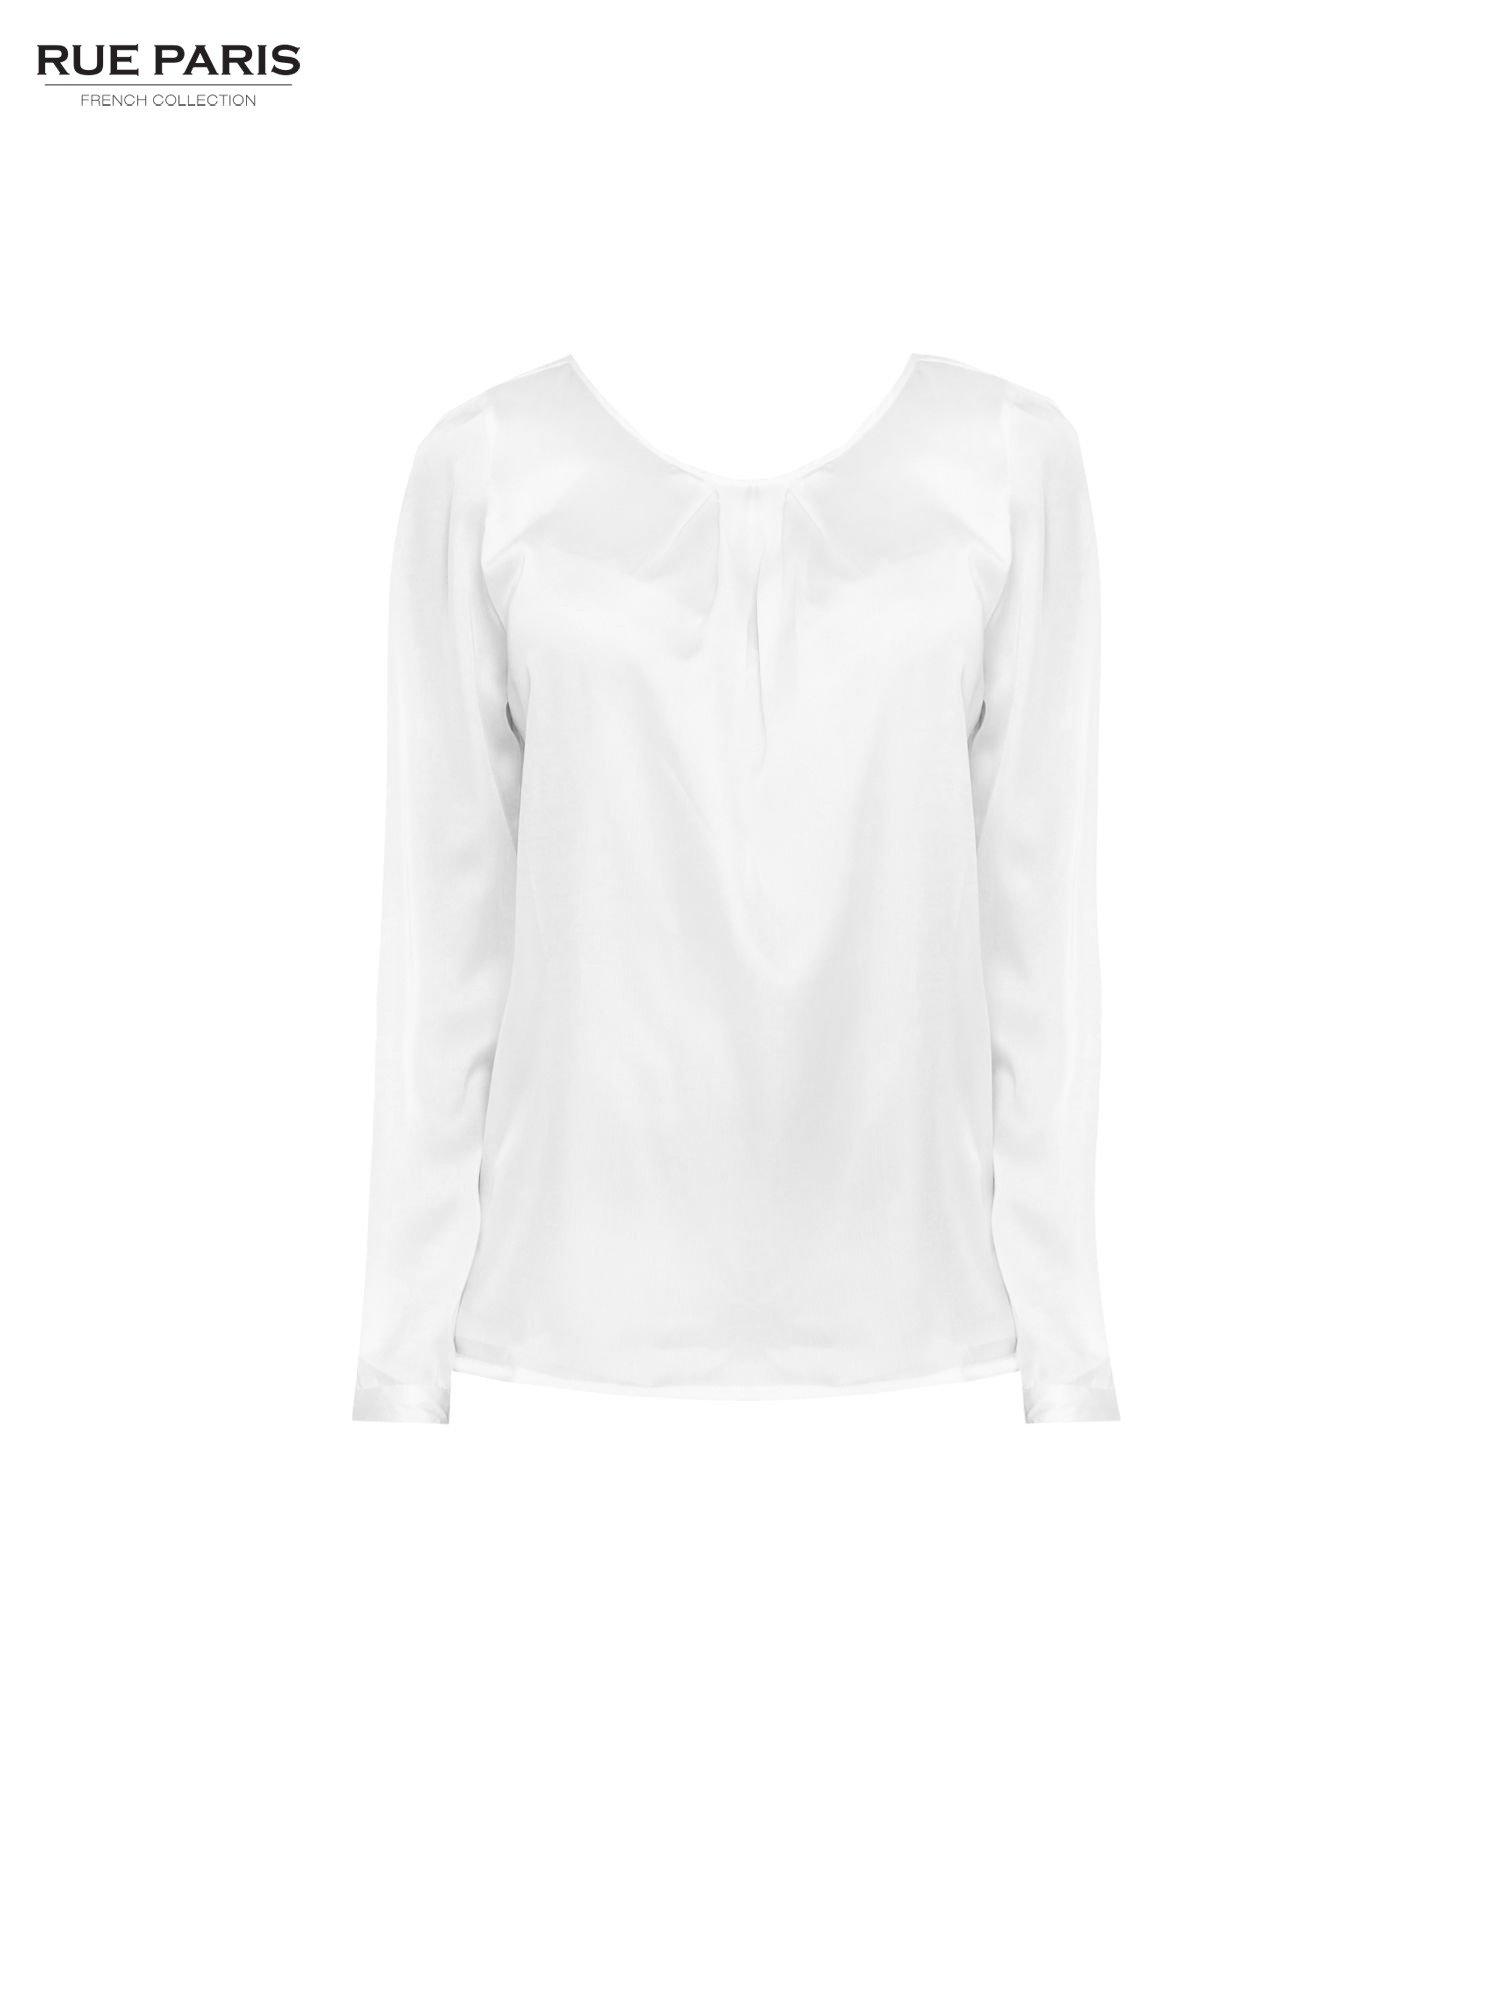 Biała elegancka atłasowa koszula z zakładkami przy dekolcie                                  zdj.                                  5